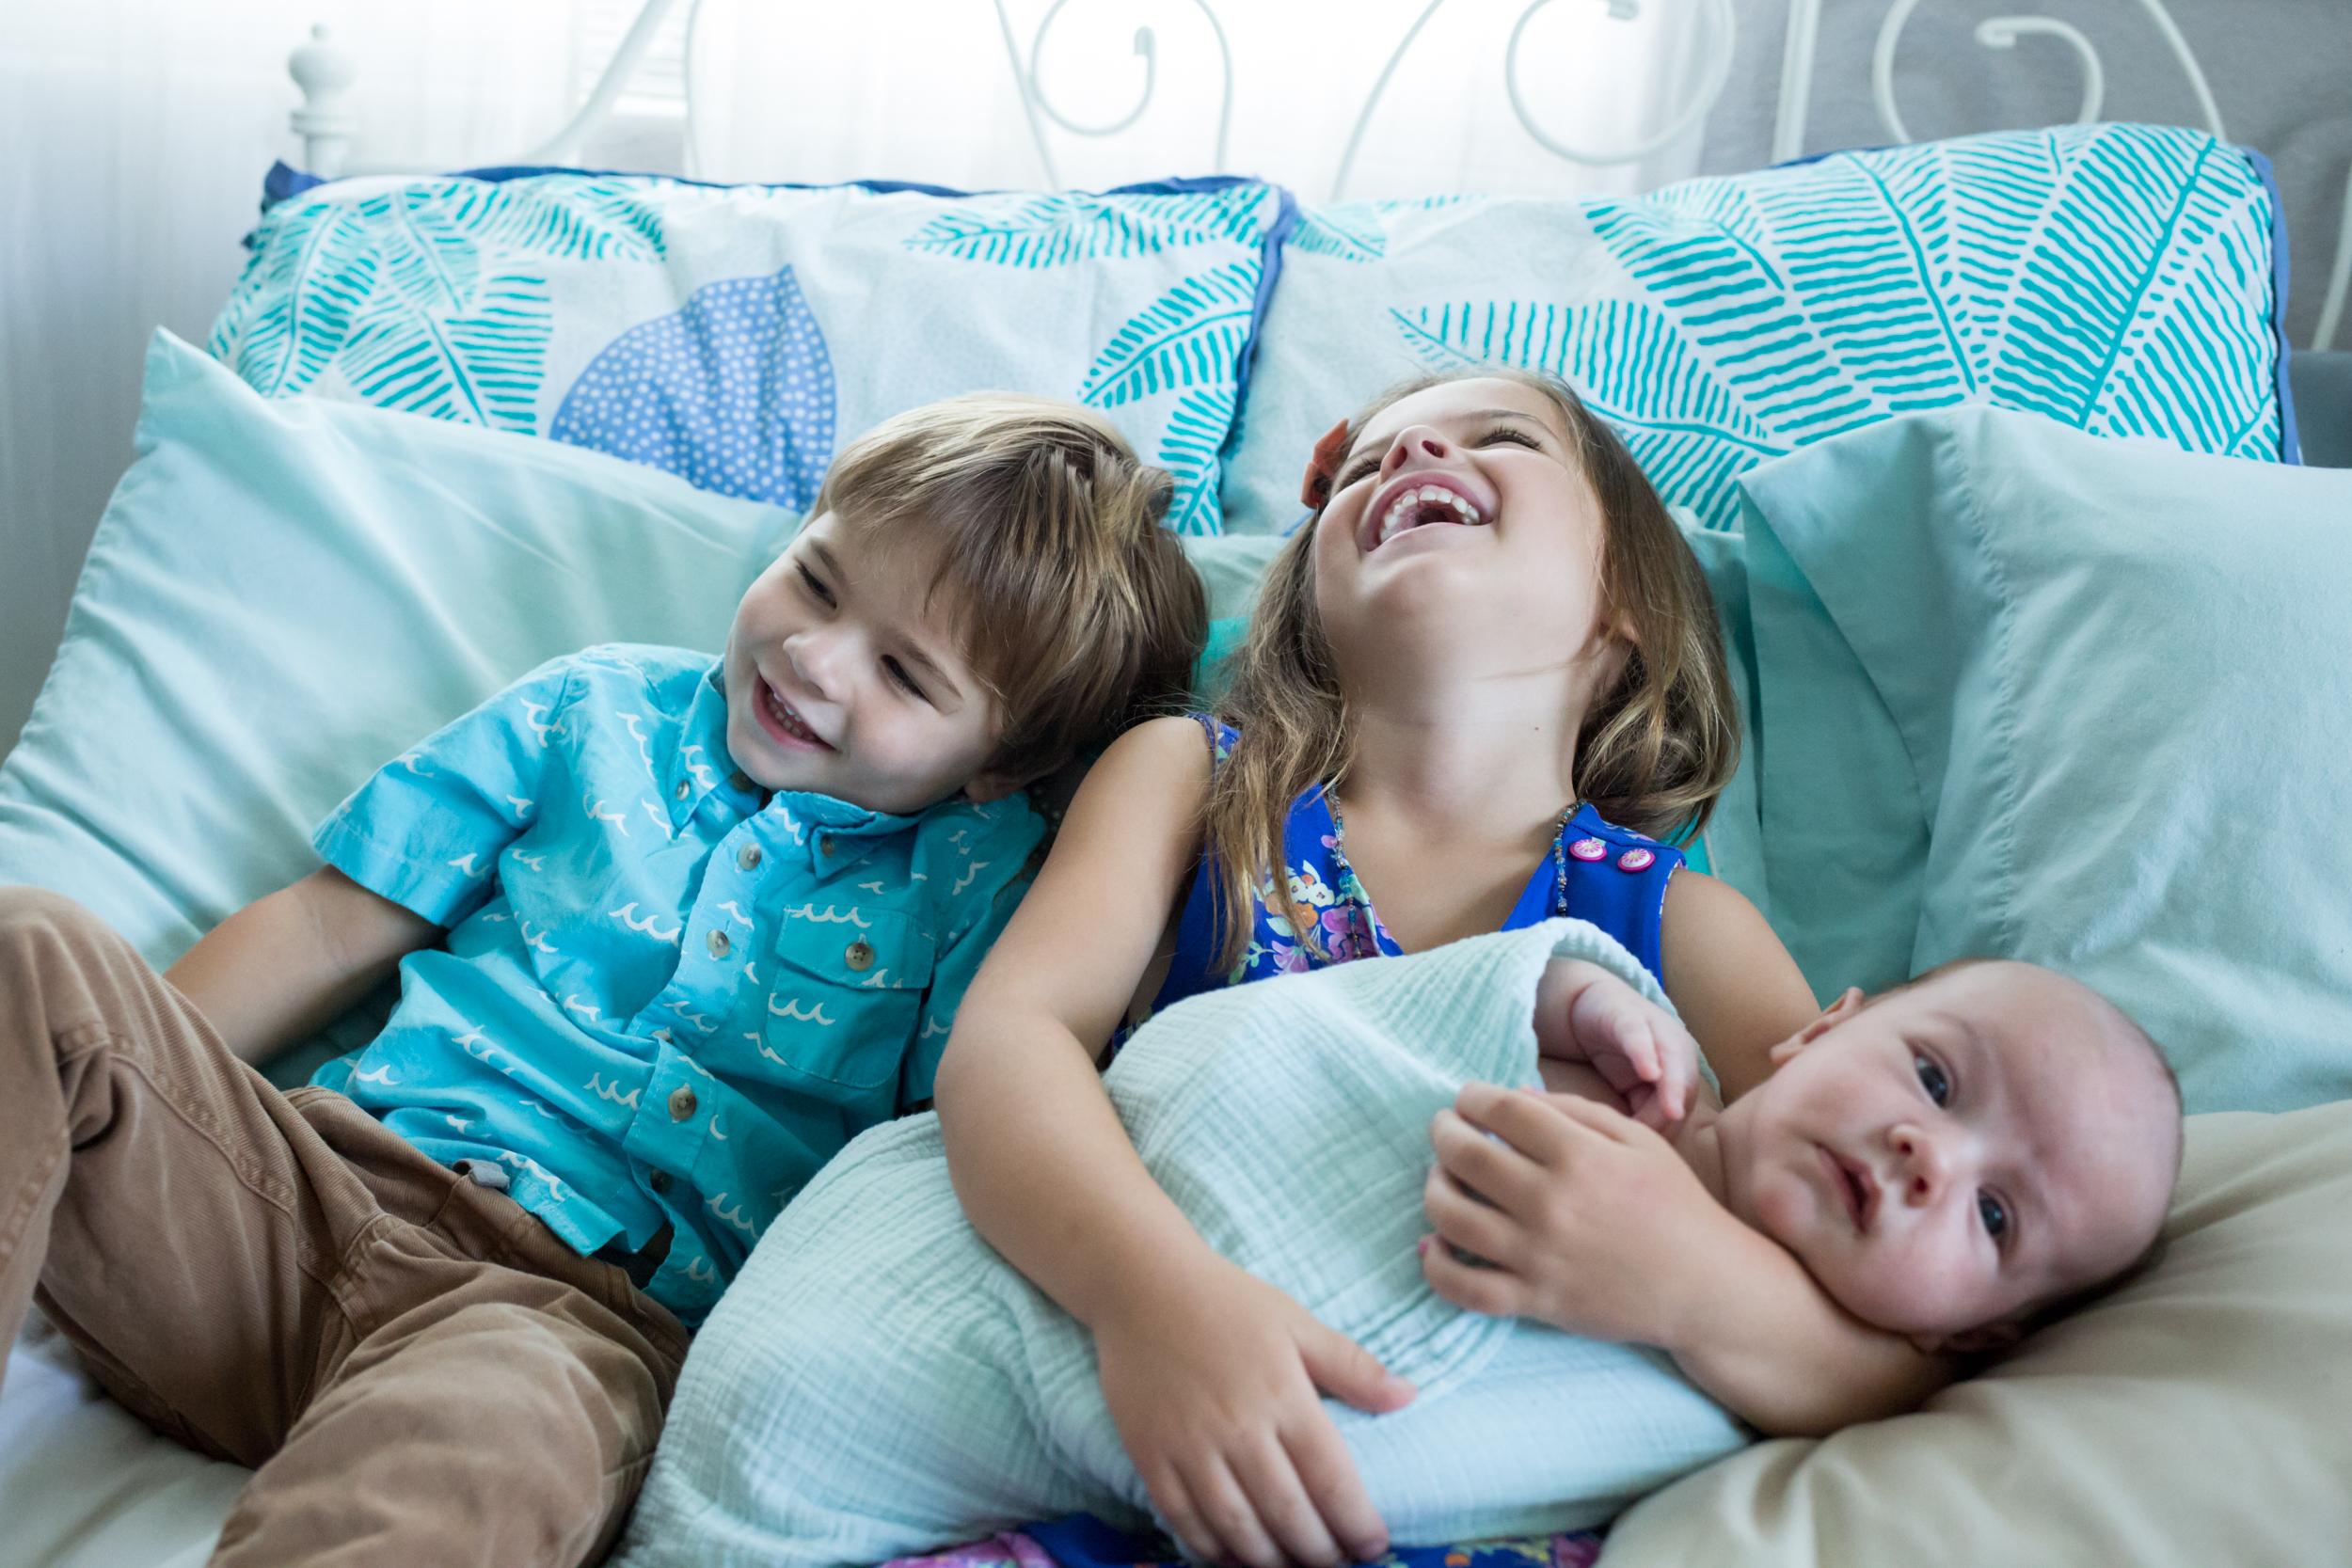 jacksonville-newborn-photographer-8.jpg